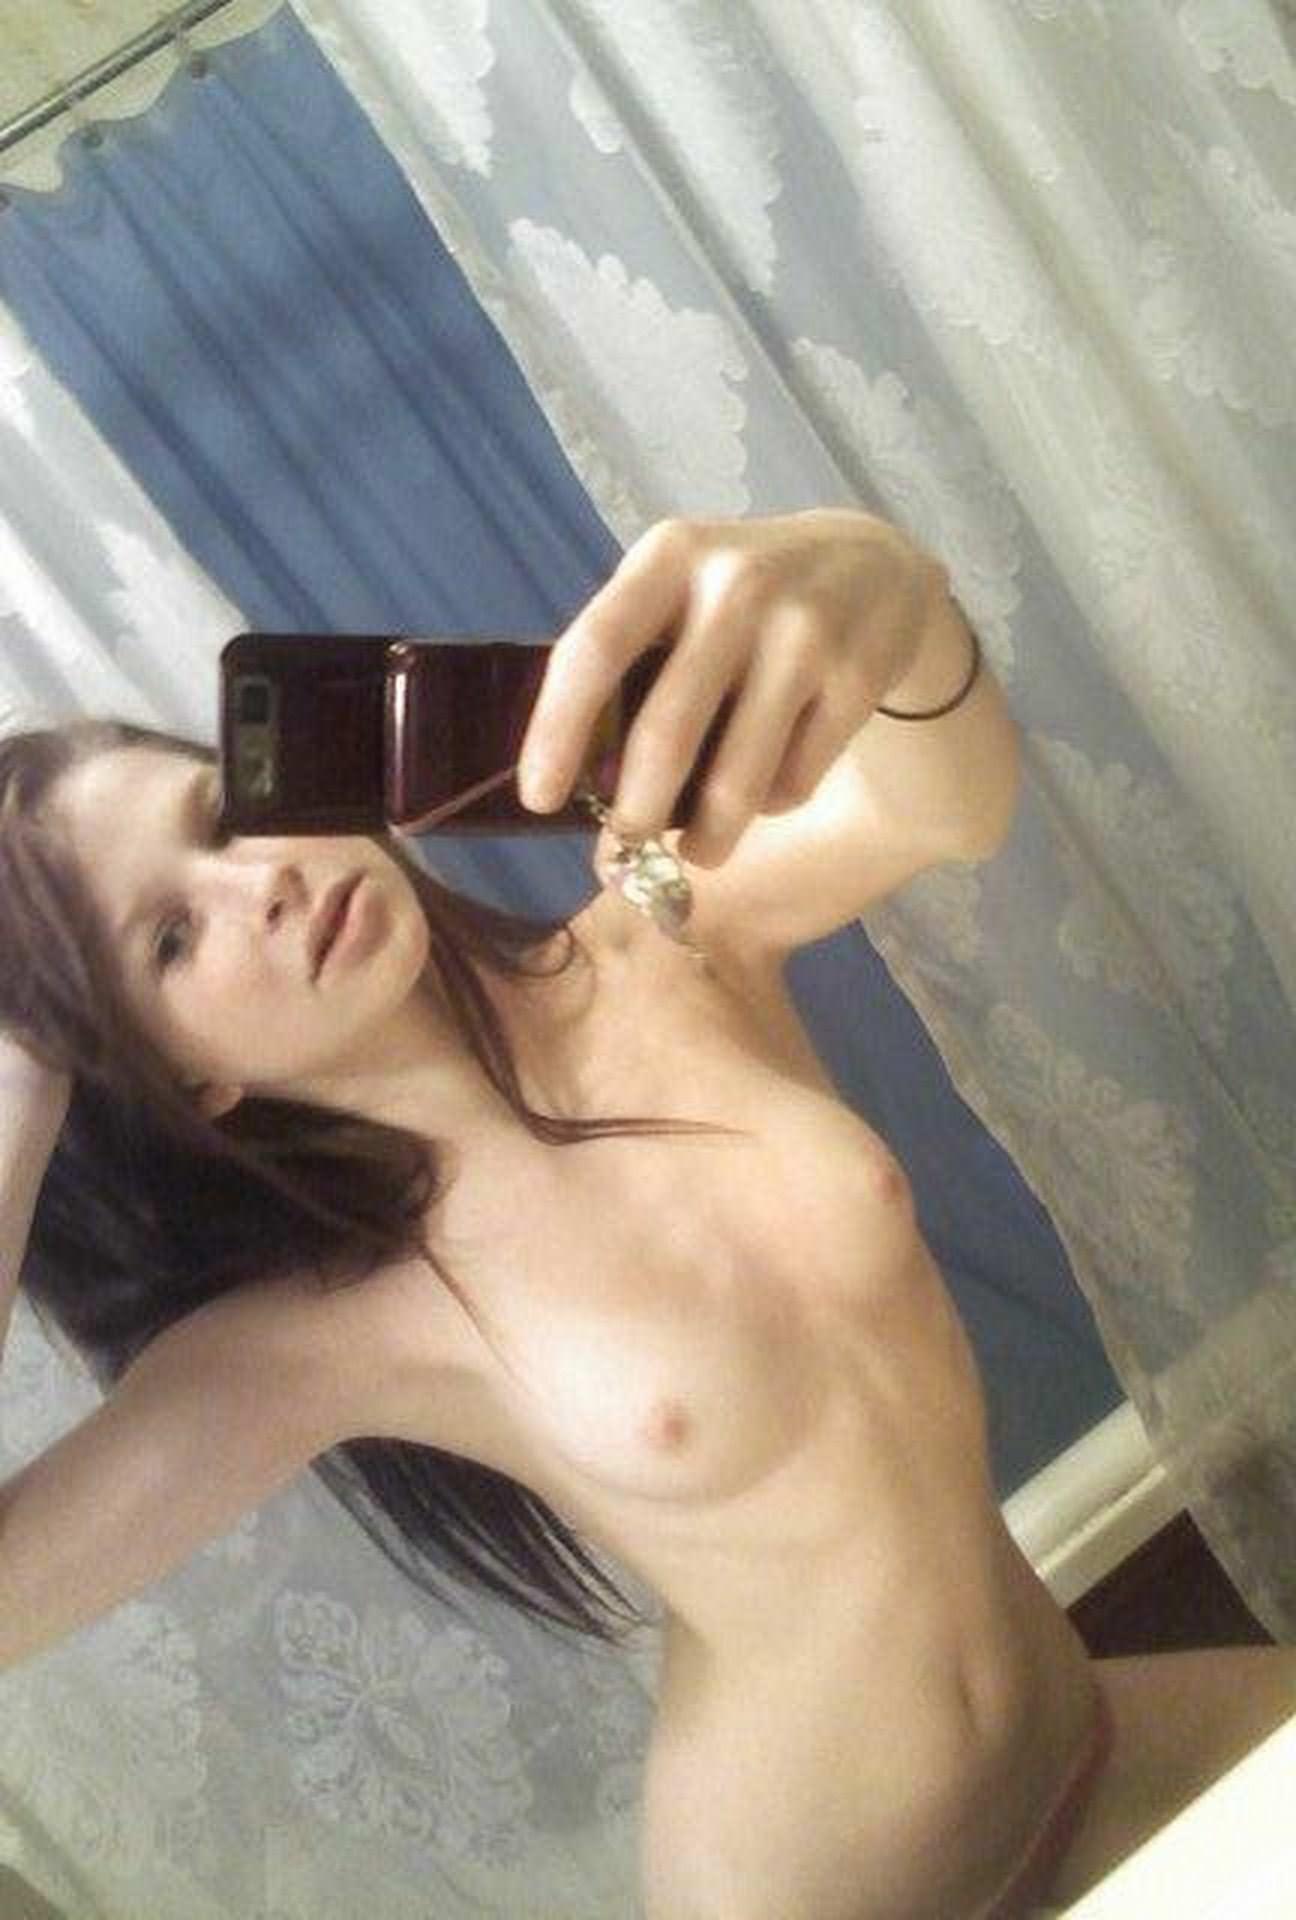 【外人】彼氏に天然パイパンまんこを自画撮りして送りつけるポルノ画像 9231